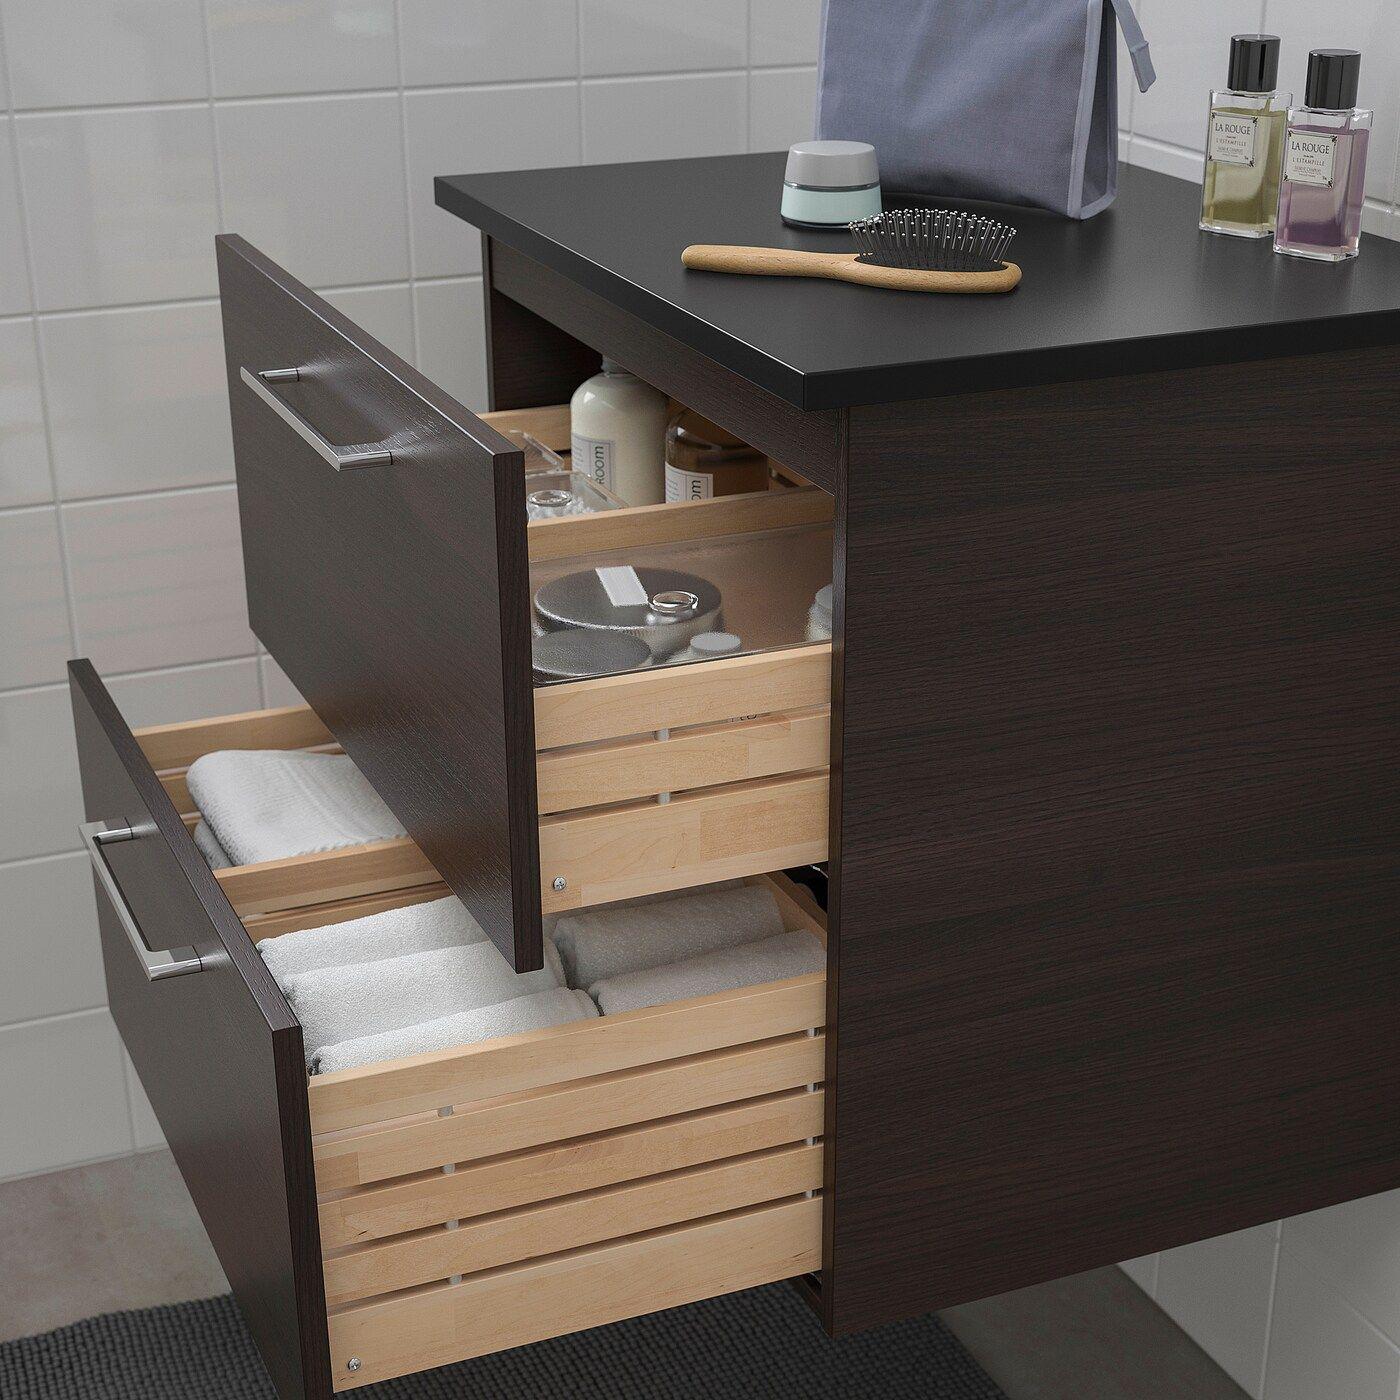 Godmorgon Tolken Waschbeckenschrank 2 Schubl Schwarzbraun In 2020 Waschbeckenschrank Schrank Und Ikea